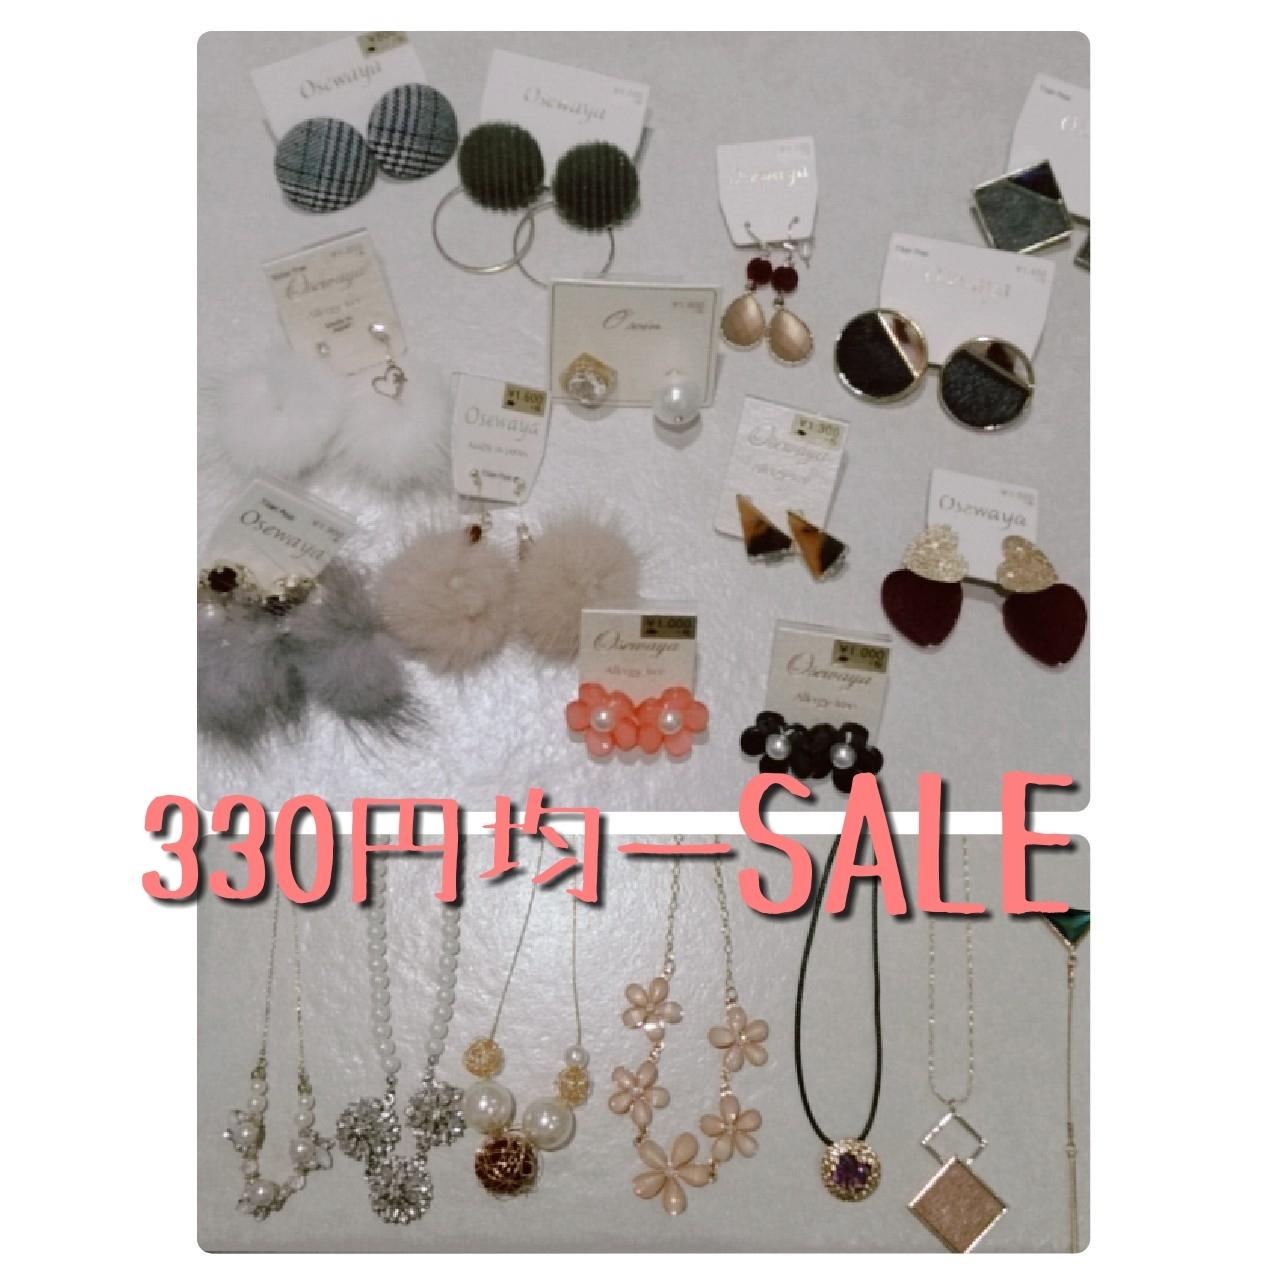 330円均一SALE